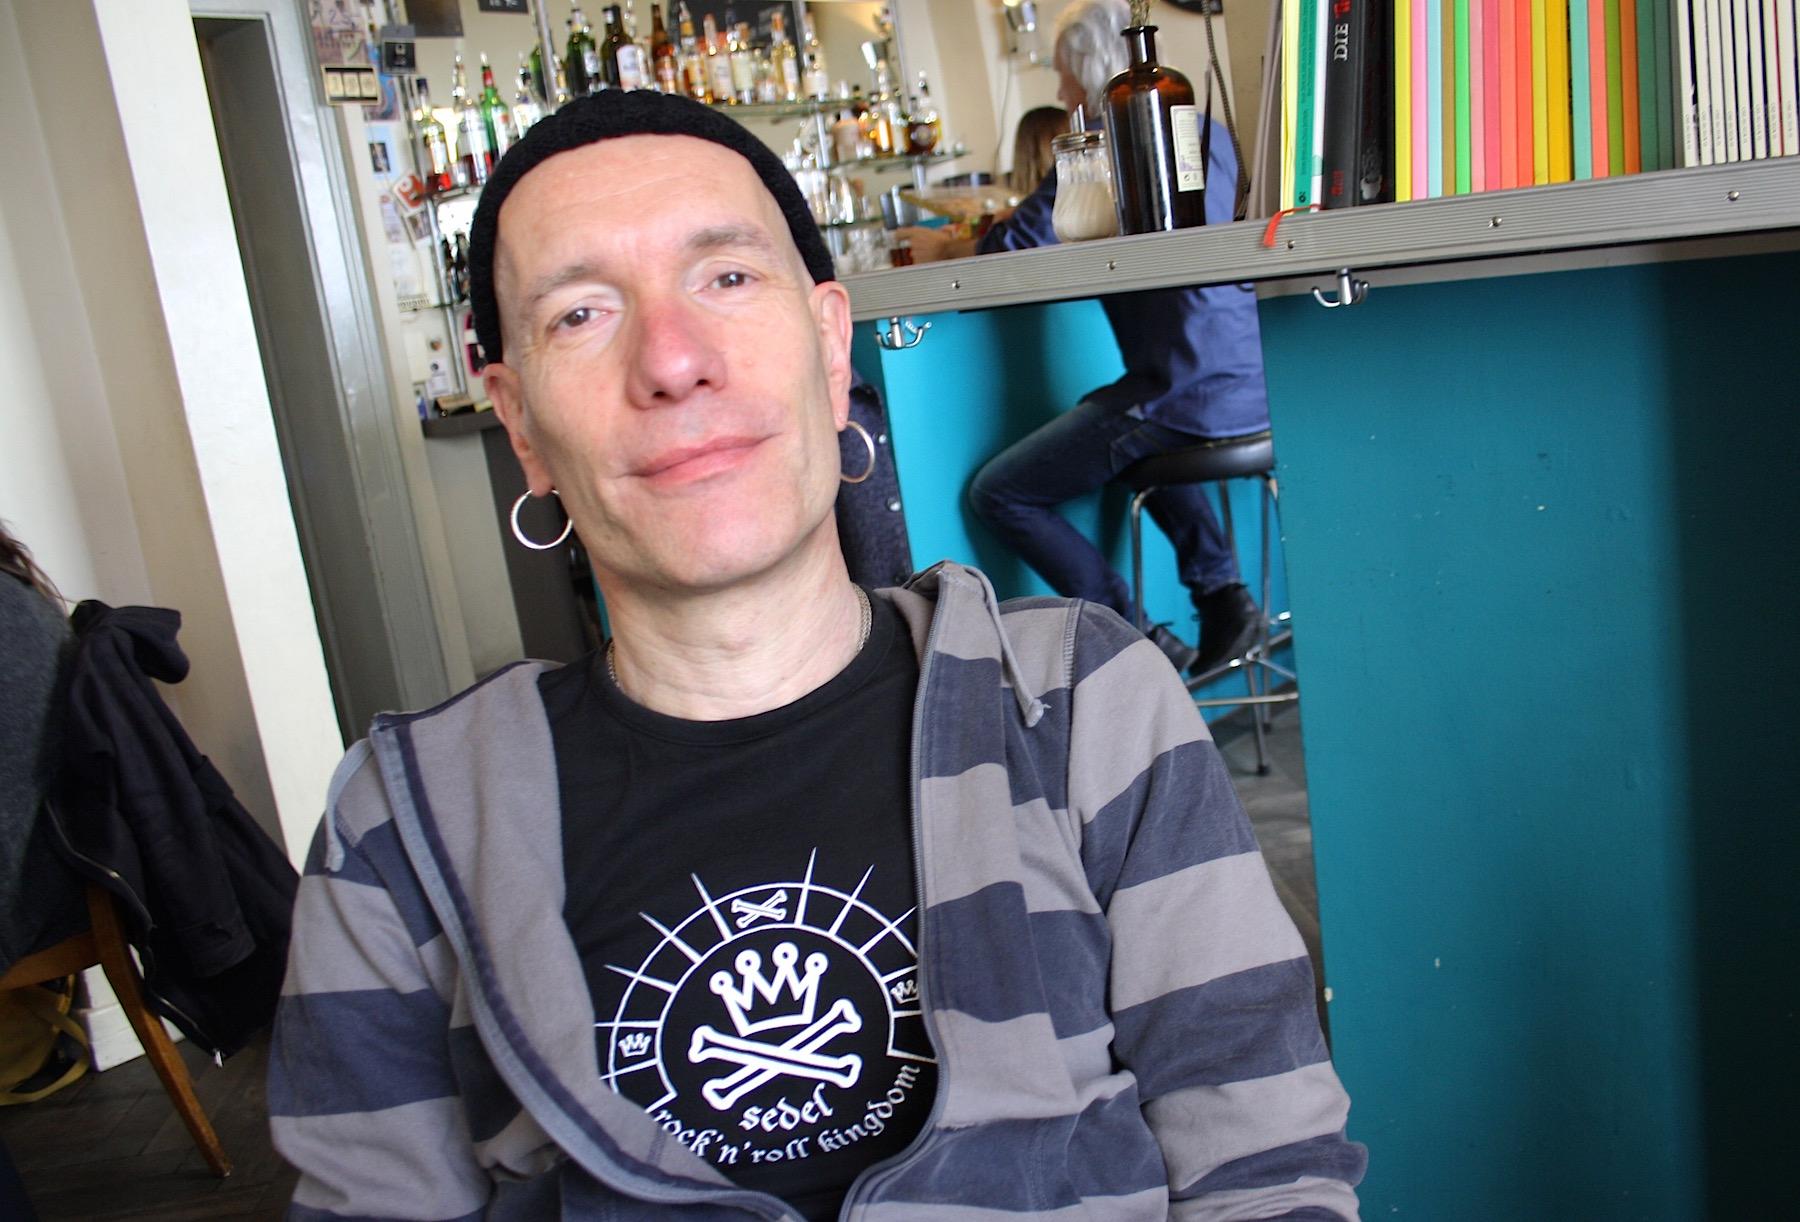 Martin Gössi ist Frontmann der Band Möped Lads und war von 1989 bis 1993 Sedel-Abwart.